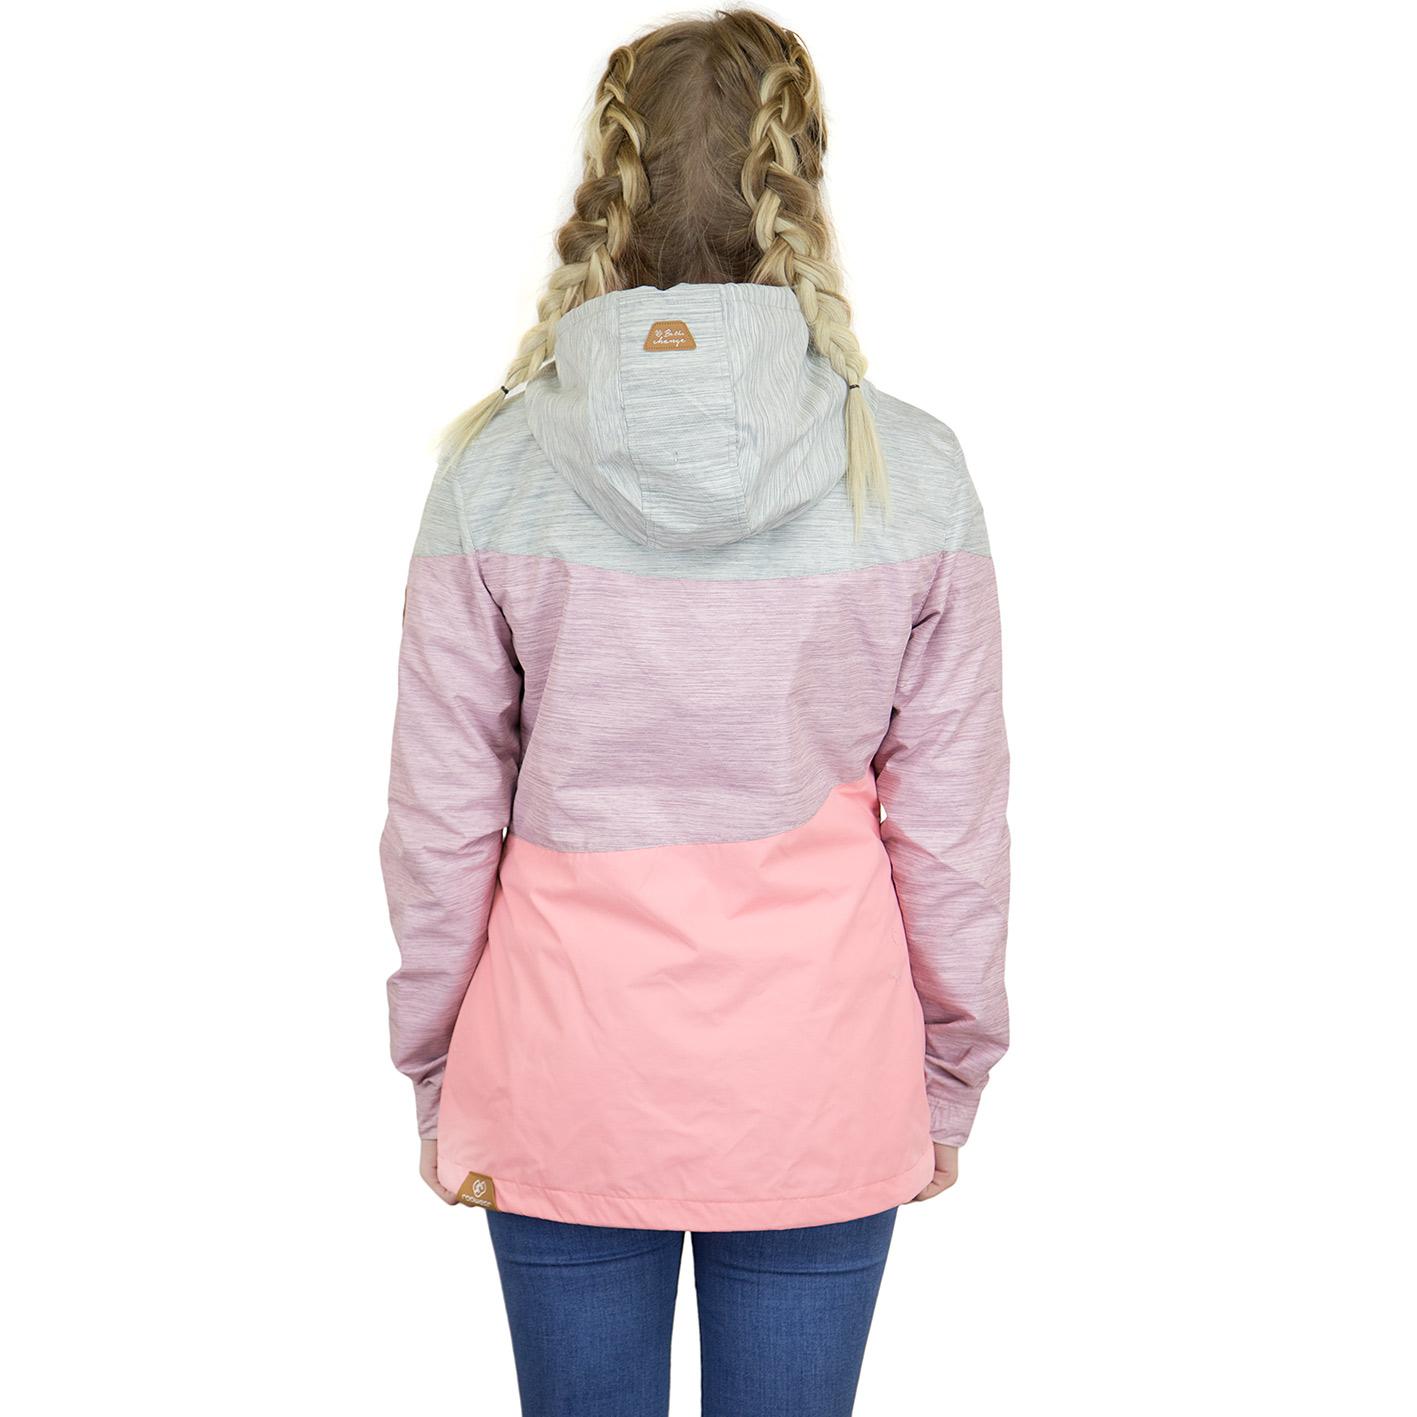 923fb0866ade91 ☆ Ragwear Damen Übergangsjacke Fancy pink - hier bestellen!